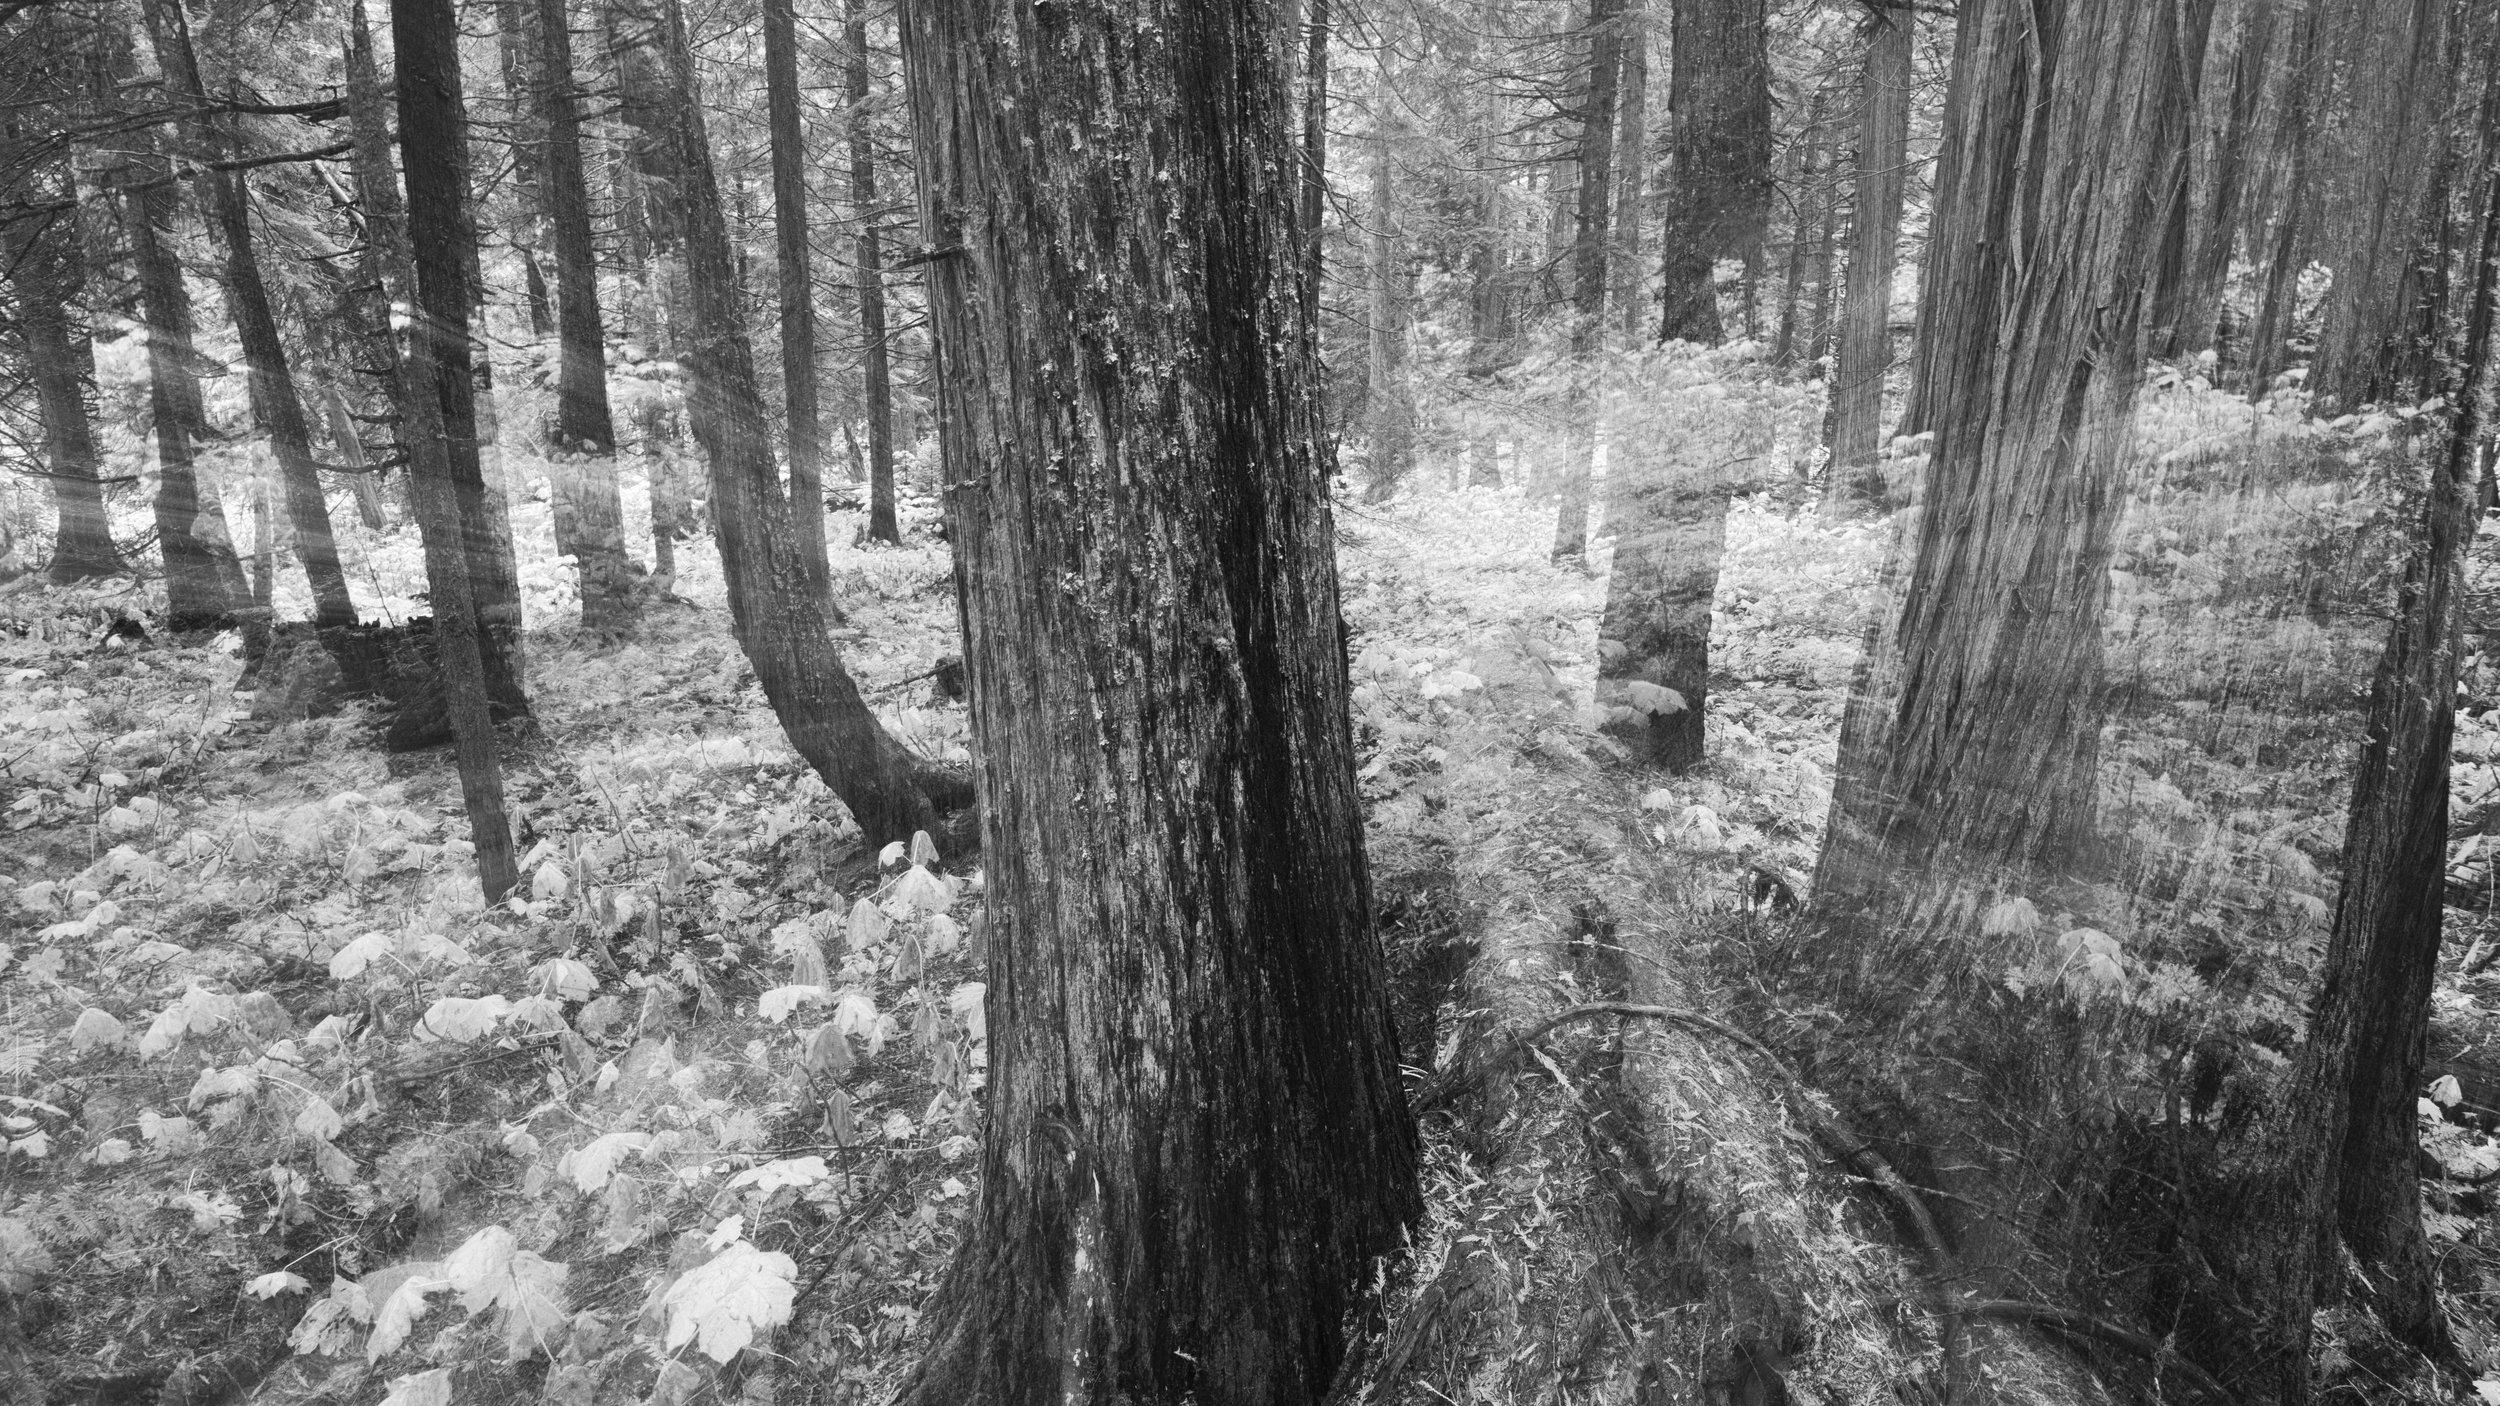 Hemlock Forest, Glacier National Park of Canada